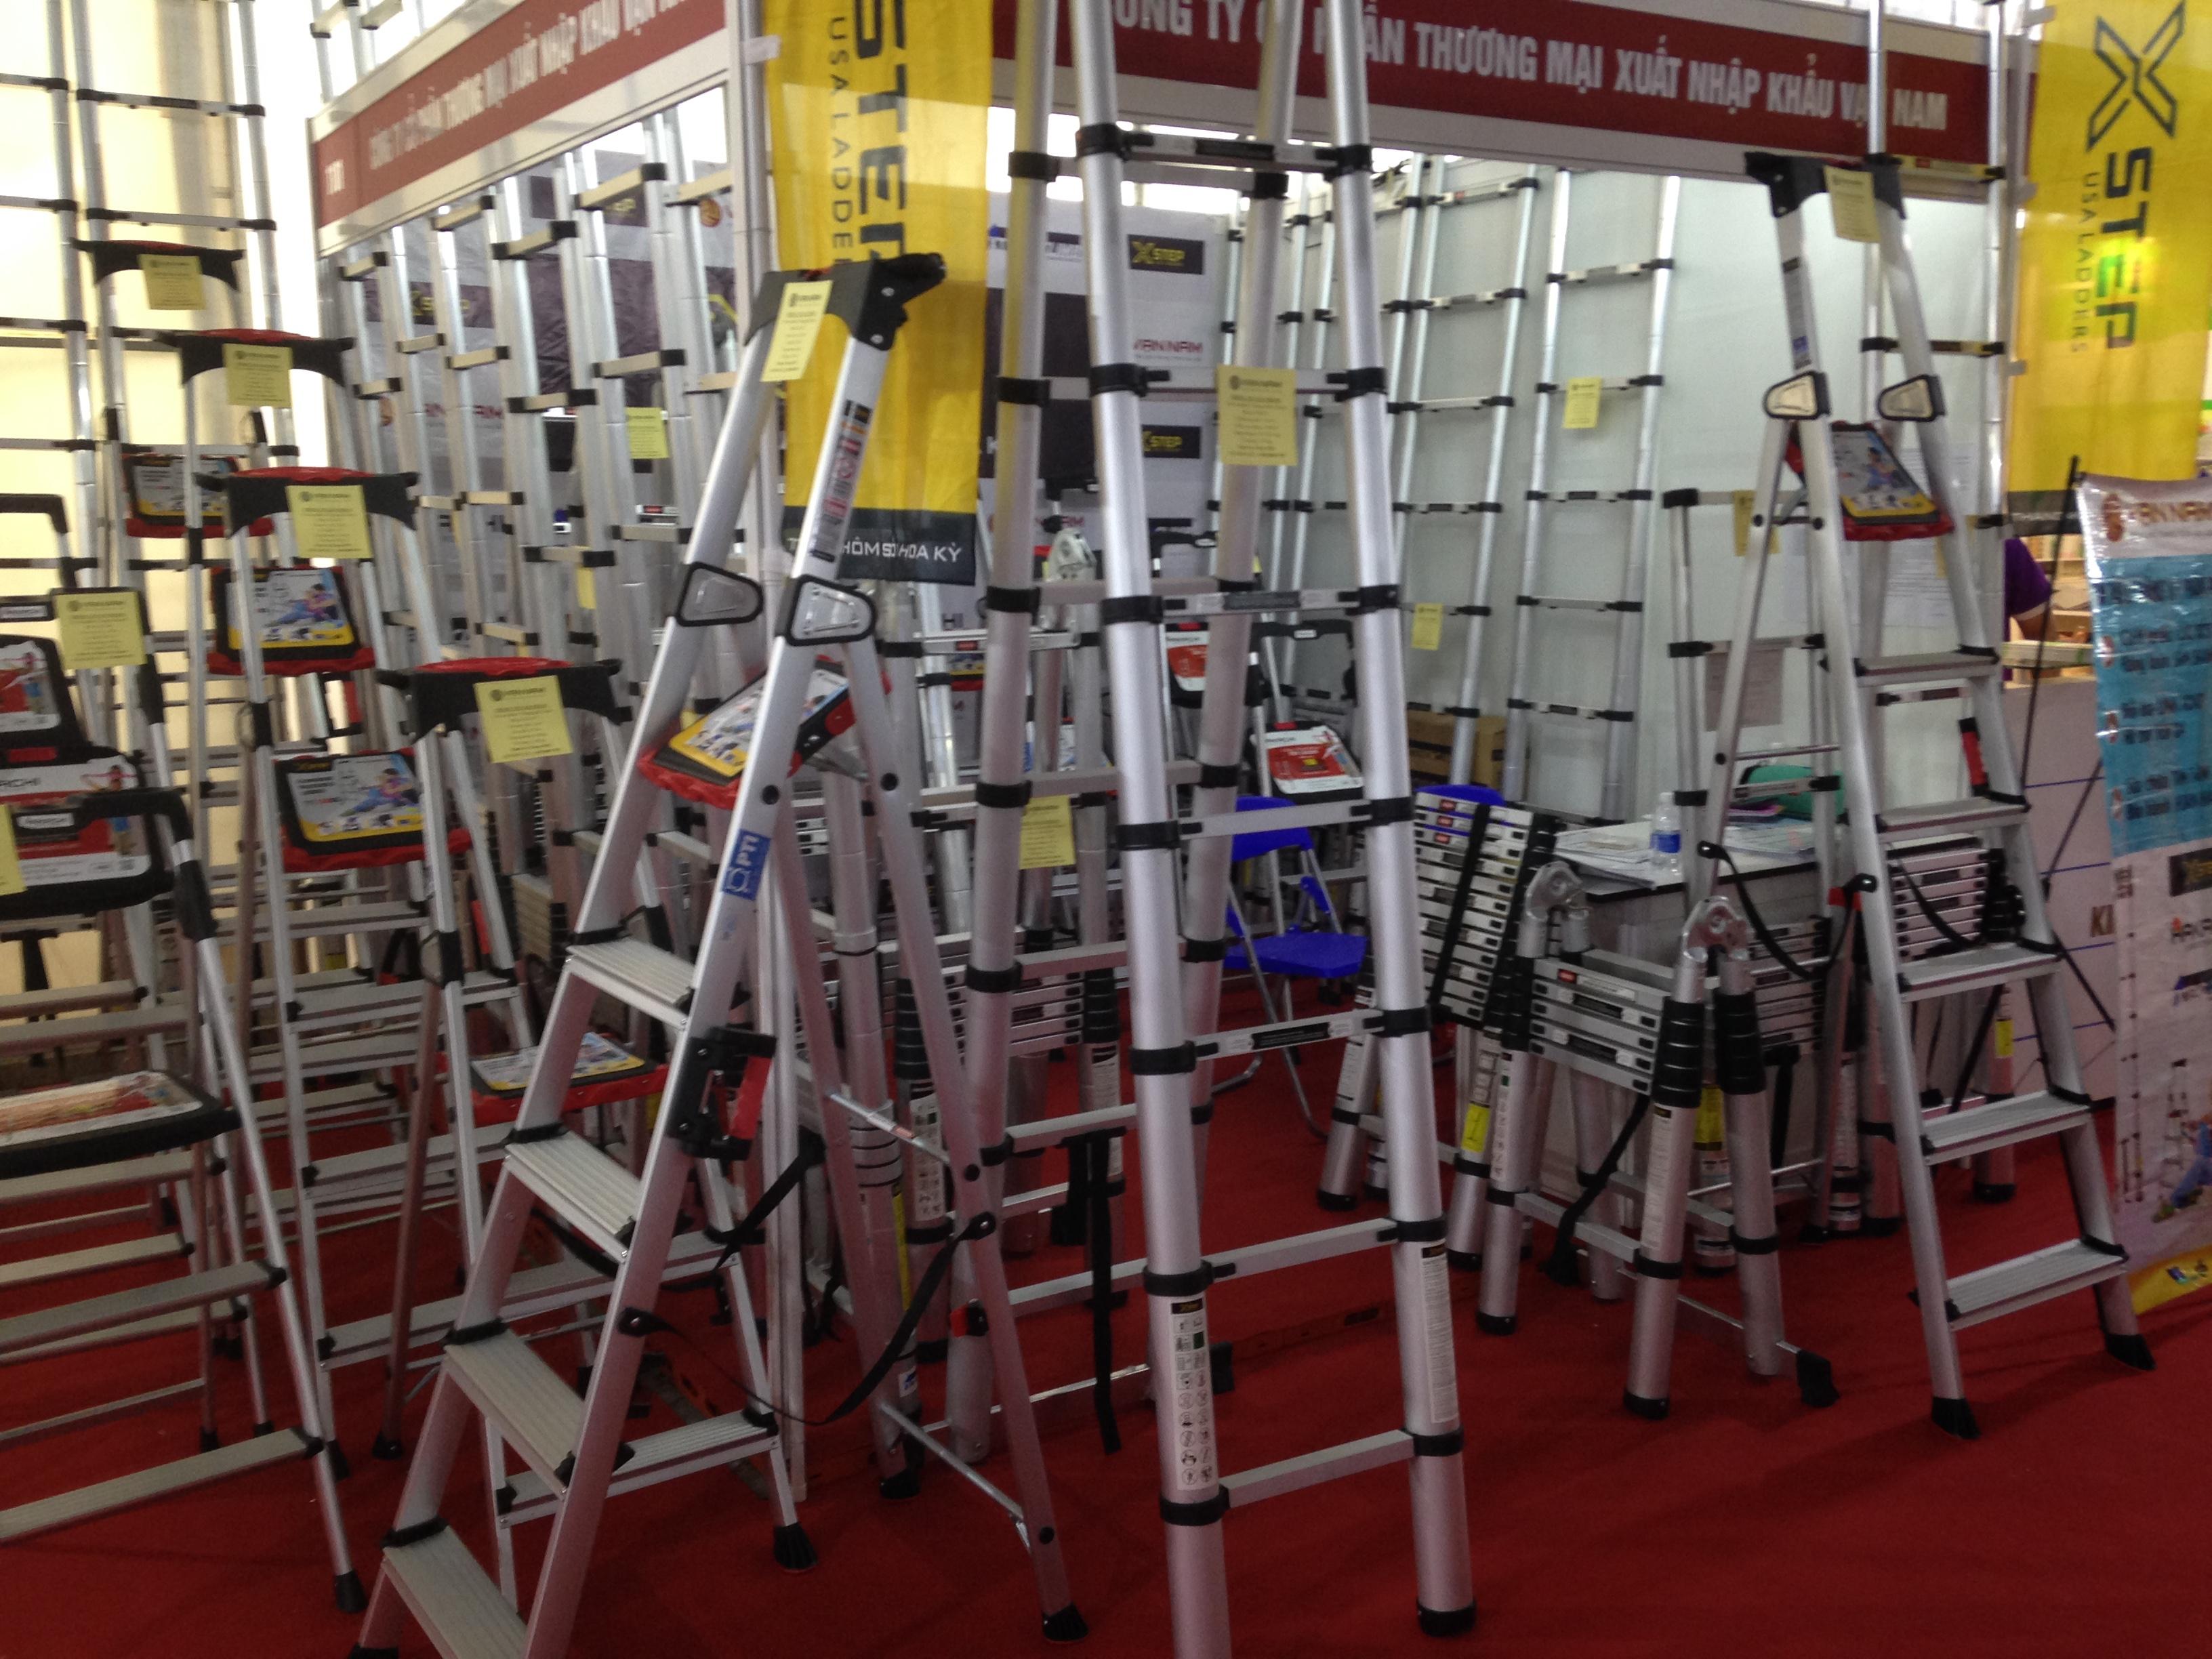 Thang rút Hakachi: Lựa chọn của 90% gia đình & thợ sửa điện tại Việt Nam